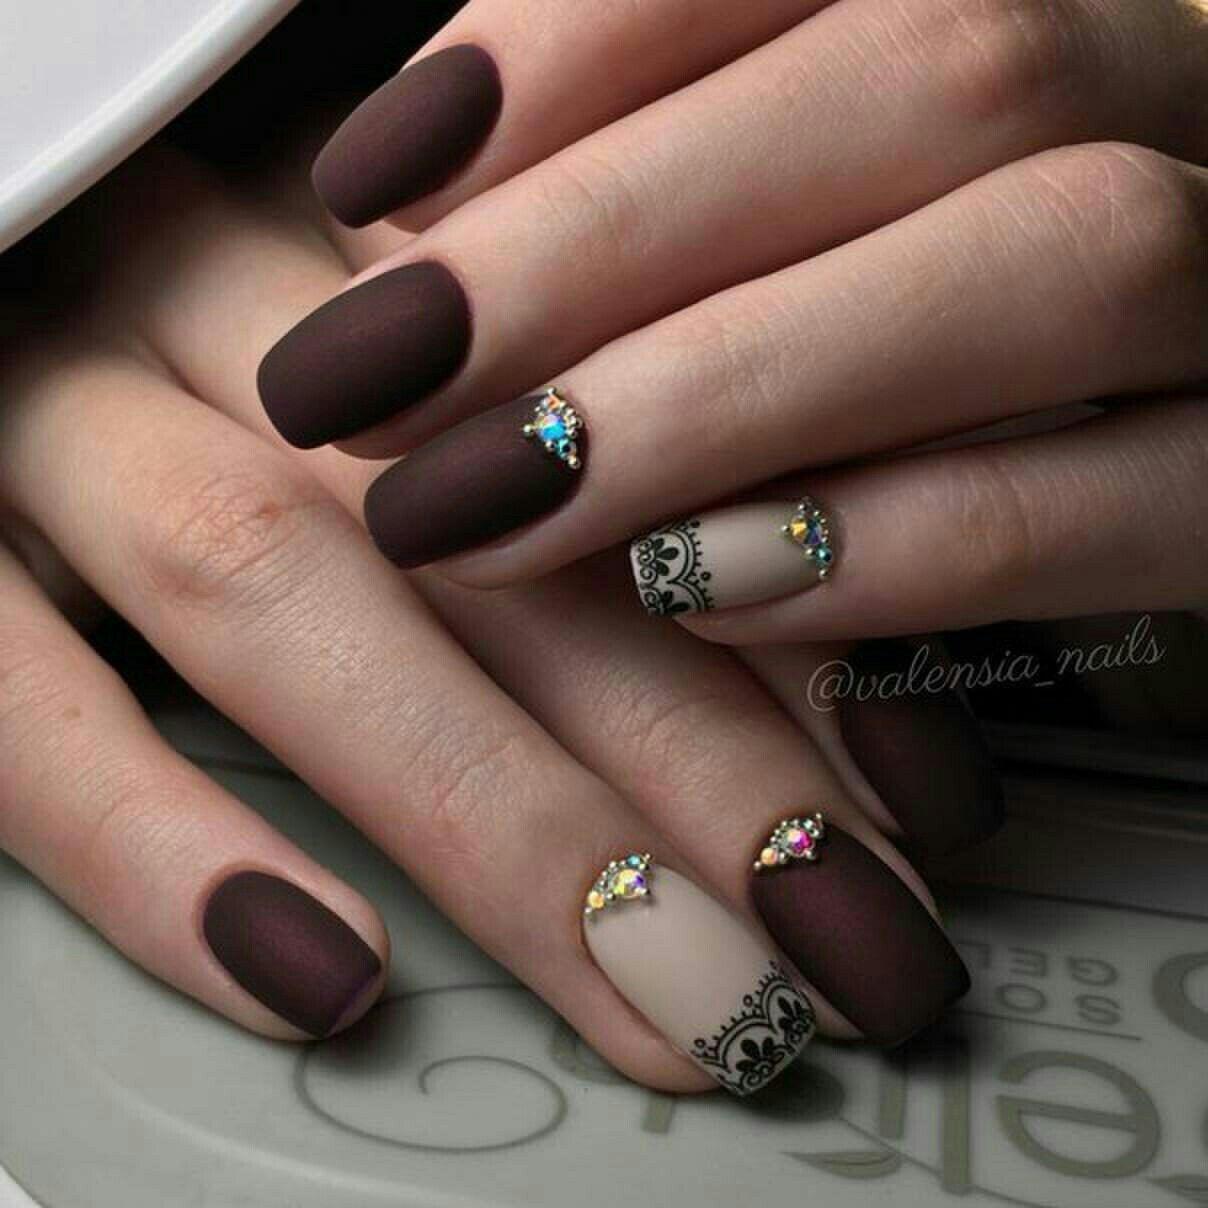 Pin by Elis on ~manicure~♡ | Pinterest | Manicure, Mani pedi and Pedi